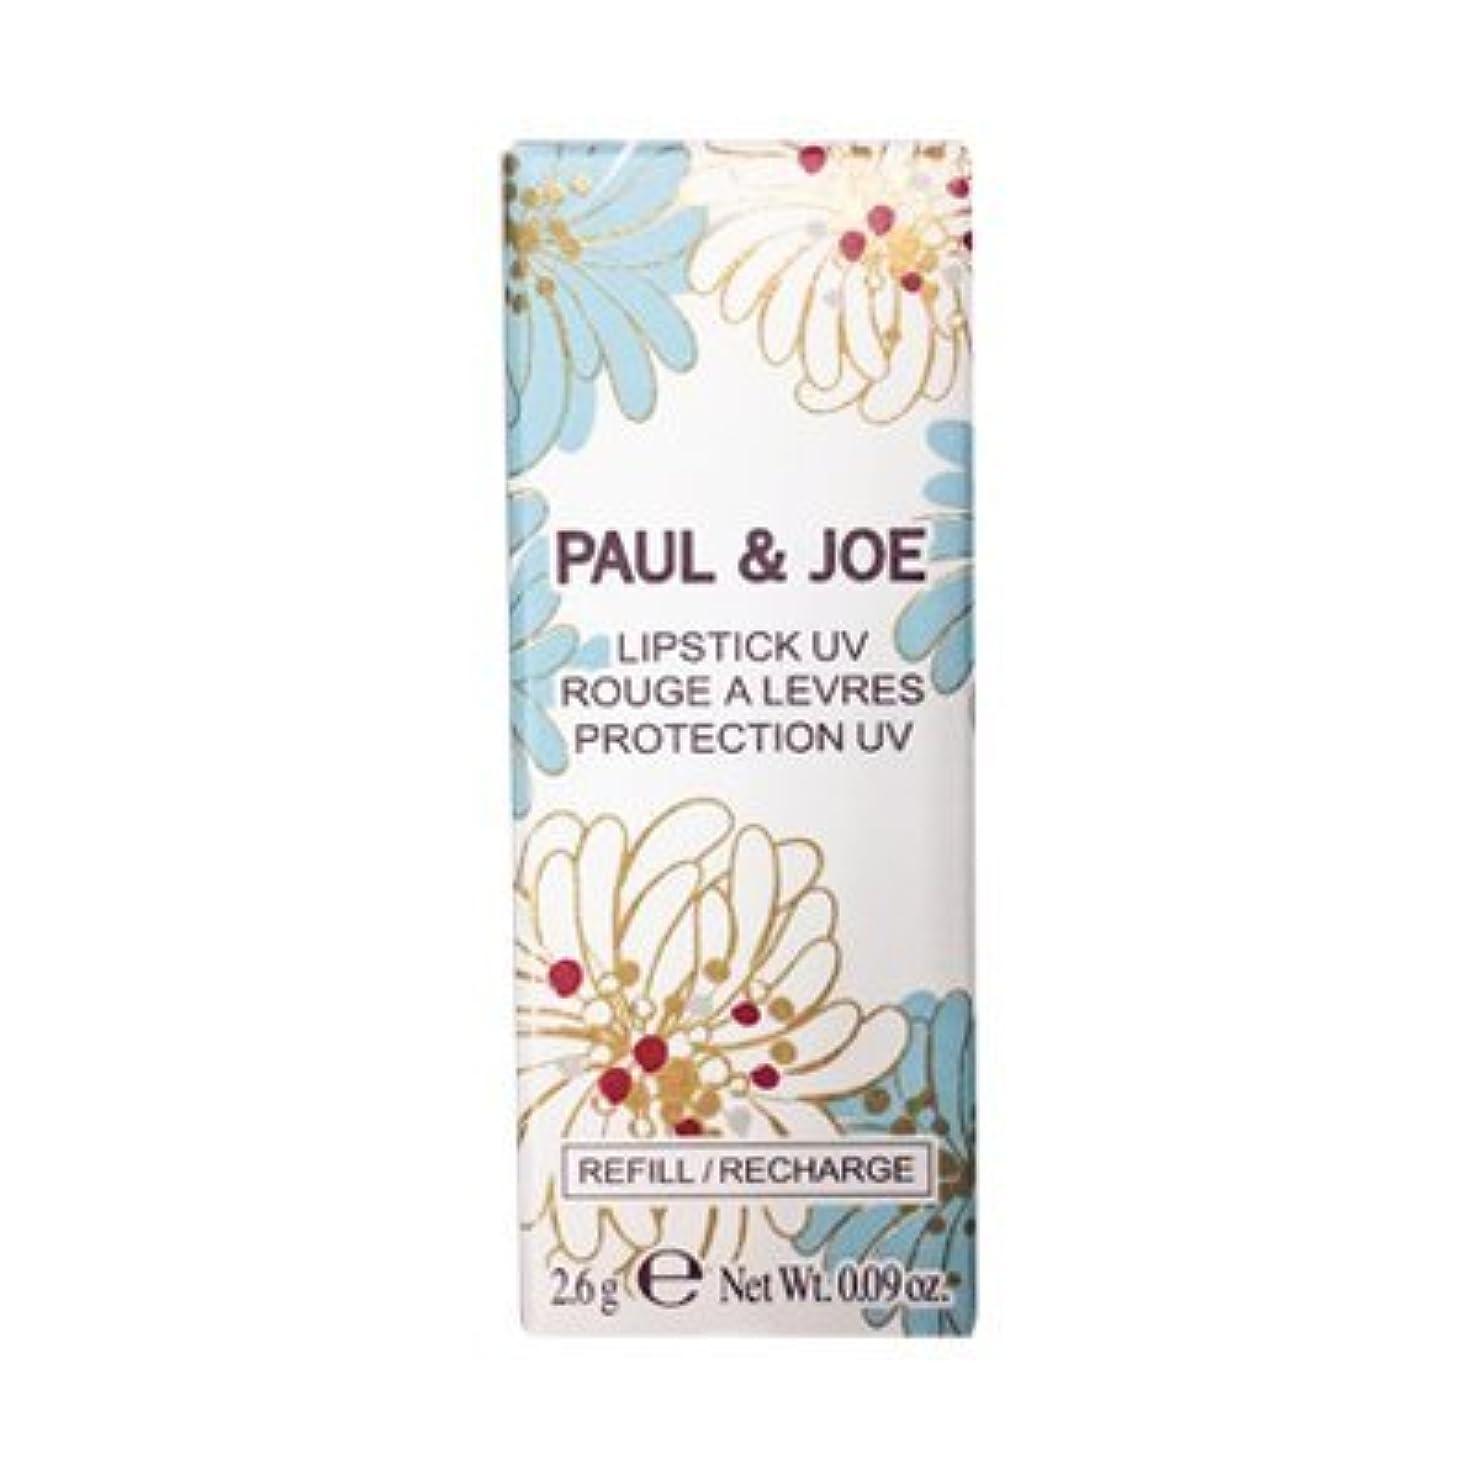 敬流行している闇ポール & ジョー / PAUL & JOE リップスティック UV (レフィル) #403 [ リップケア ] [並行輸入品]